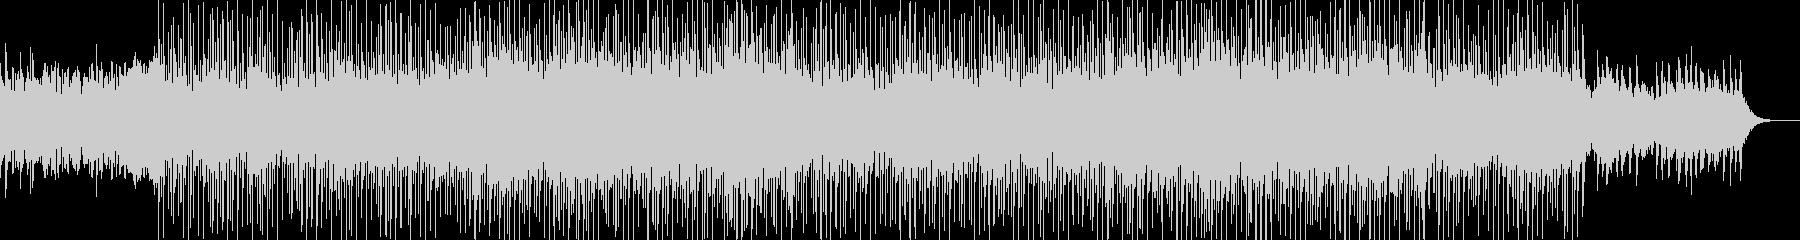 ポップなシンセアンサンブルの未再生の波形